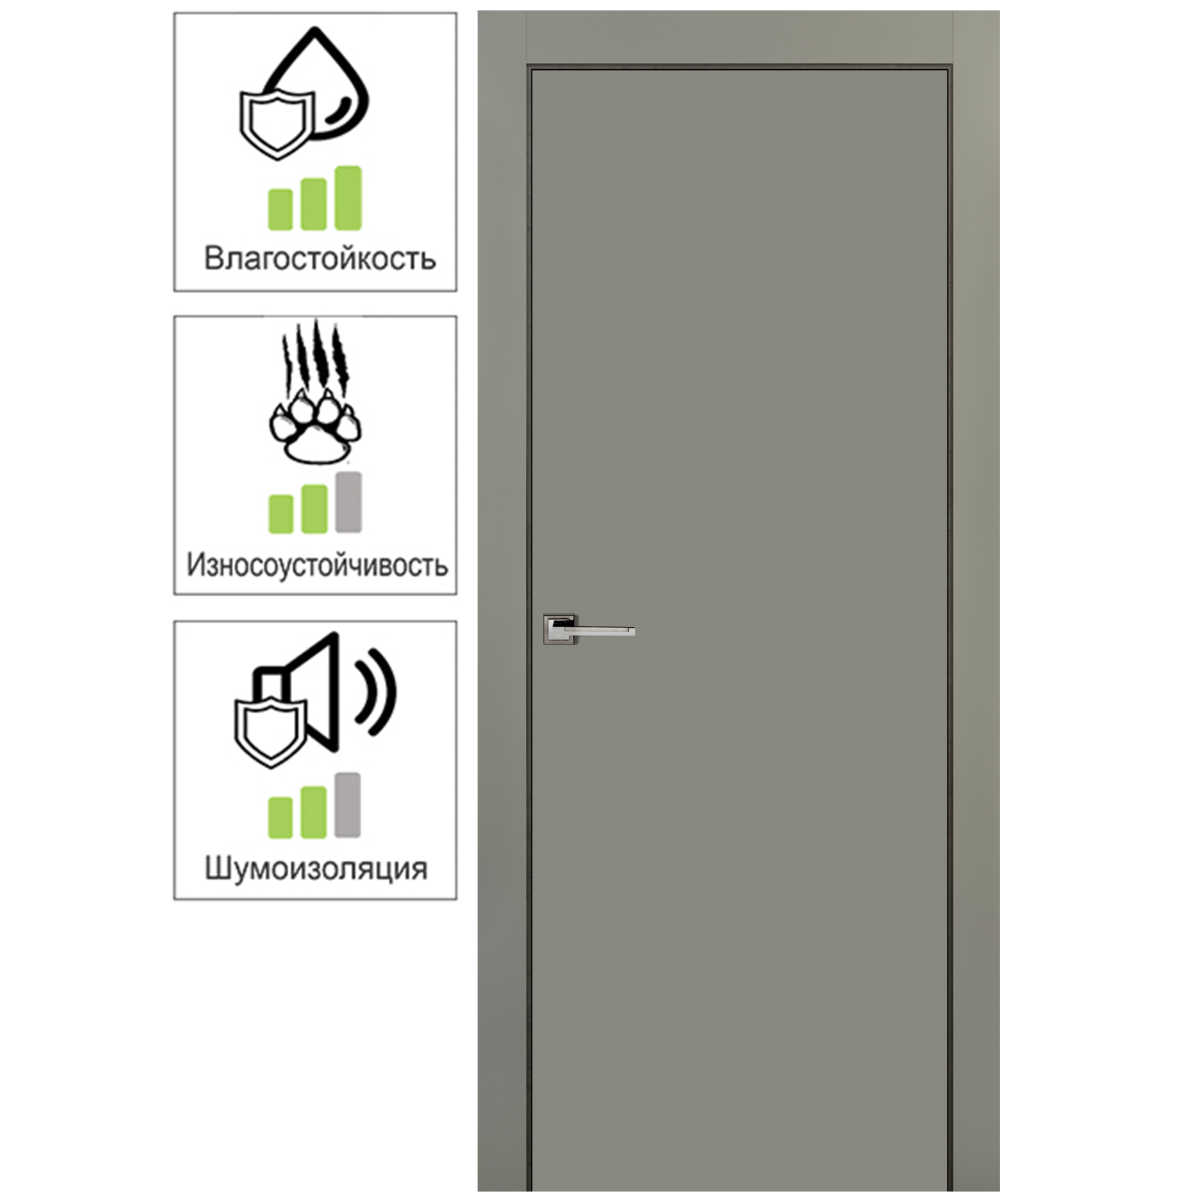 Дверь межкомнатная глухая с замком в комплекте 200x60 см эмаль цвет грей